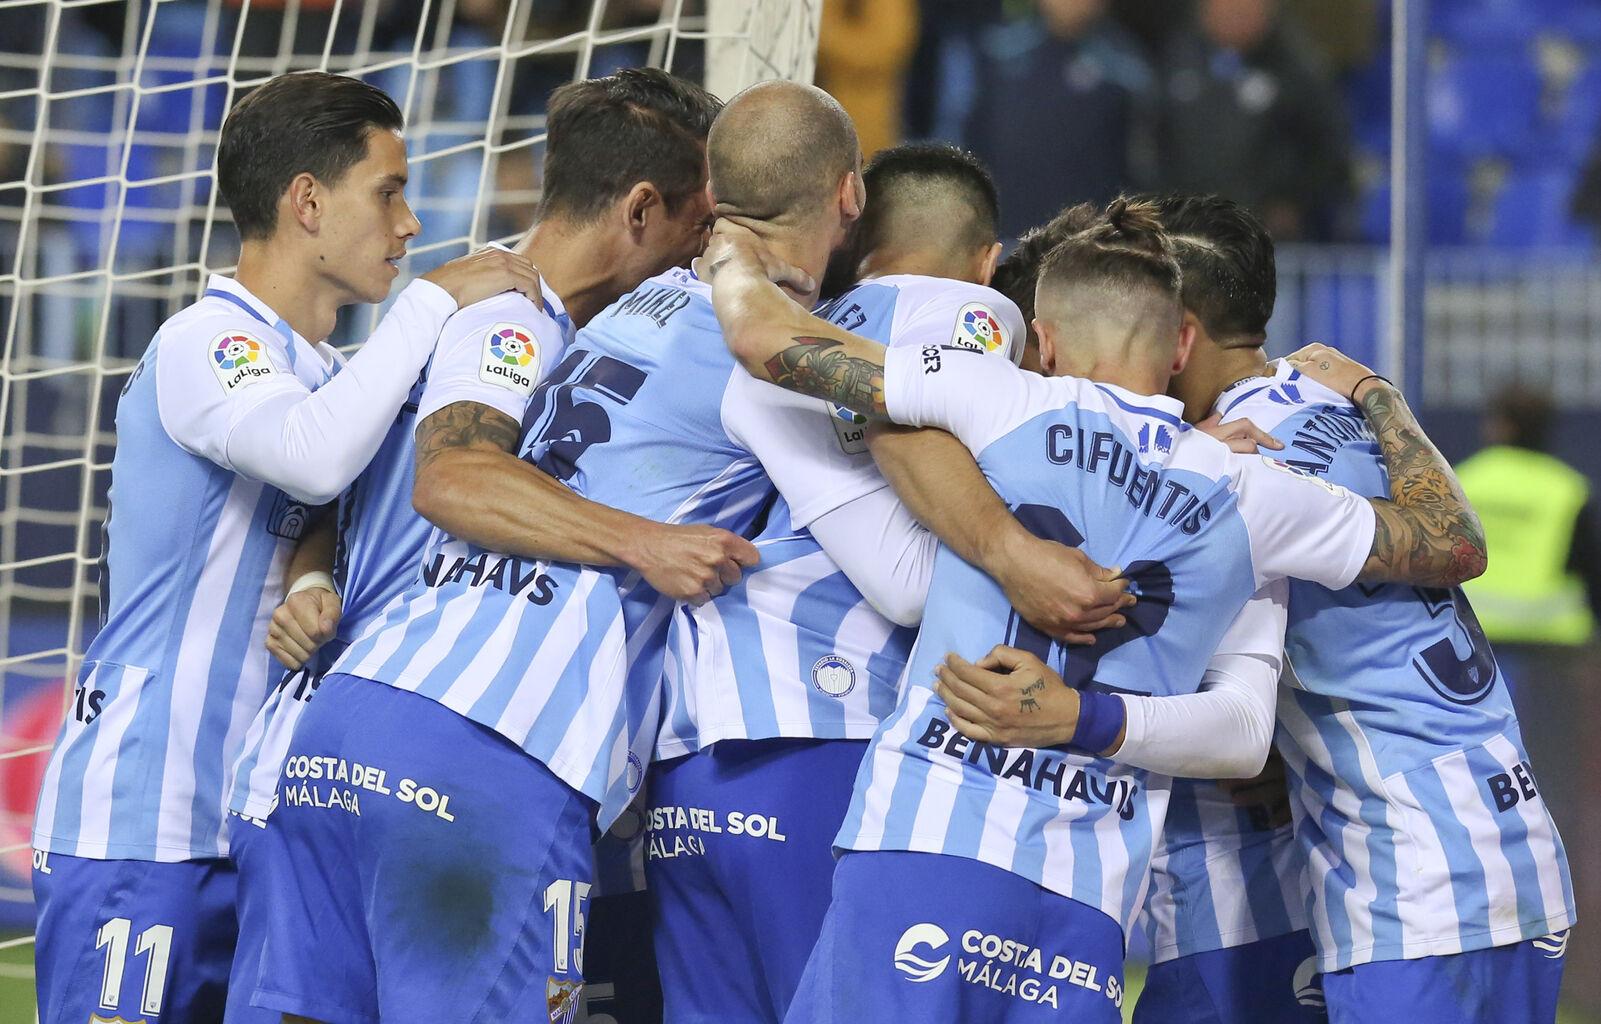 Málaga CF - cover